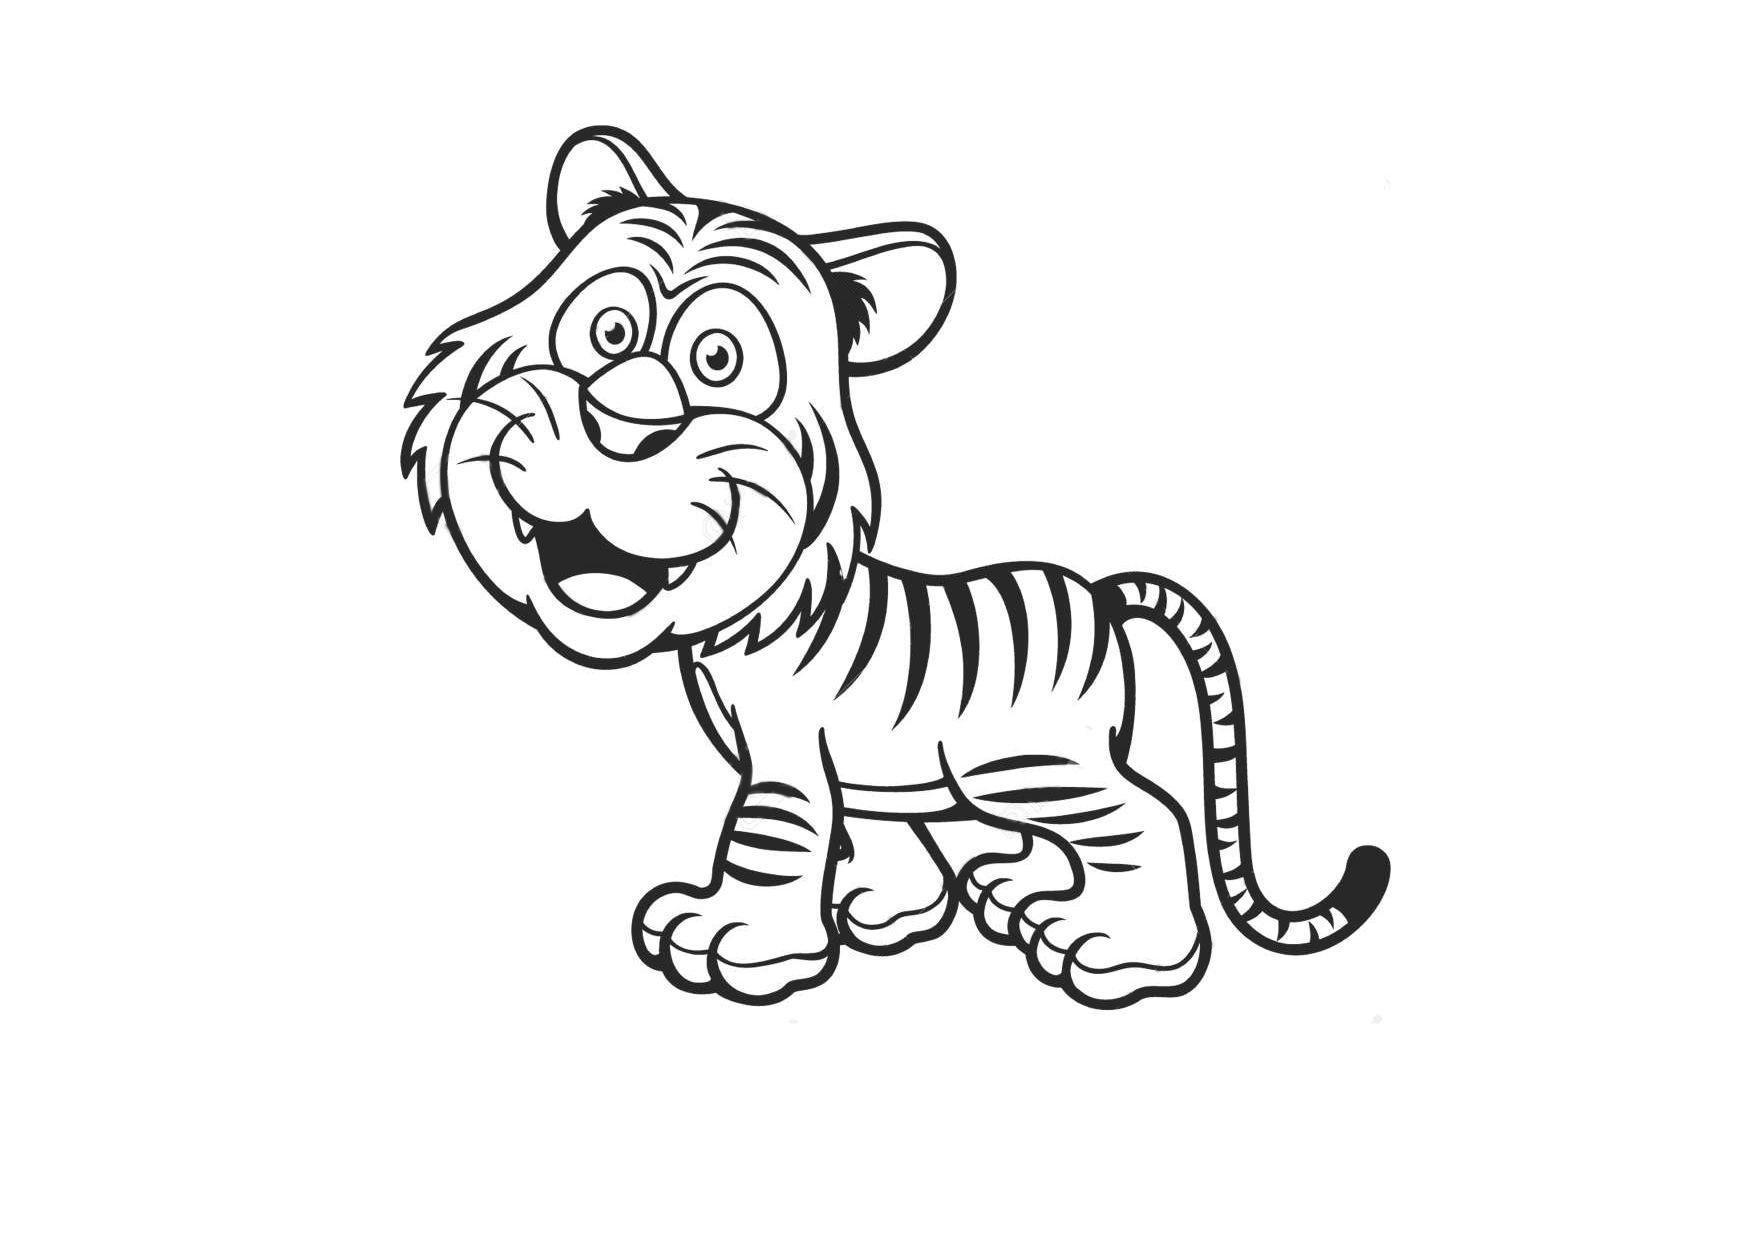 Tranh tô màu con hổ dễ thương